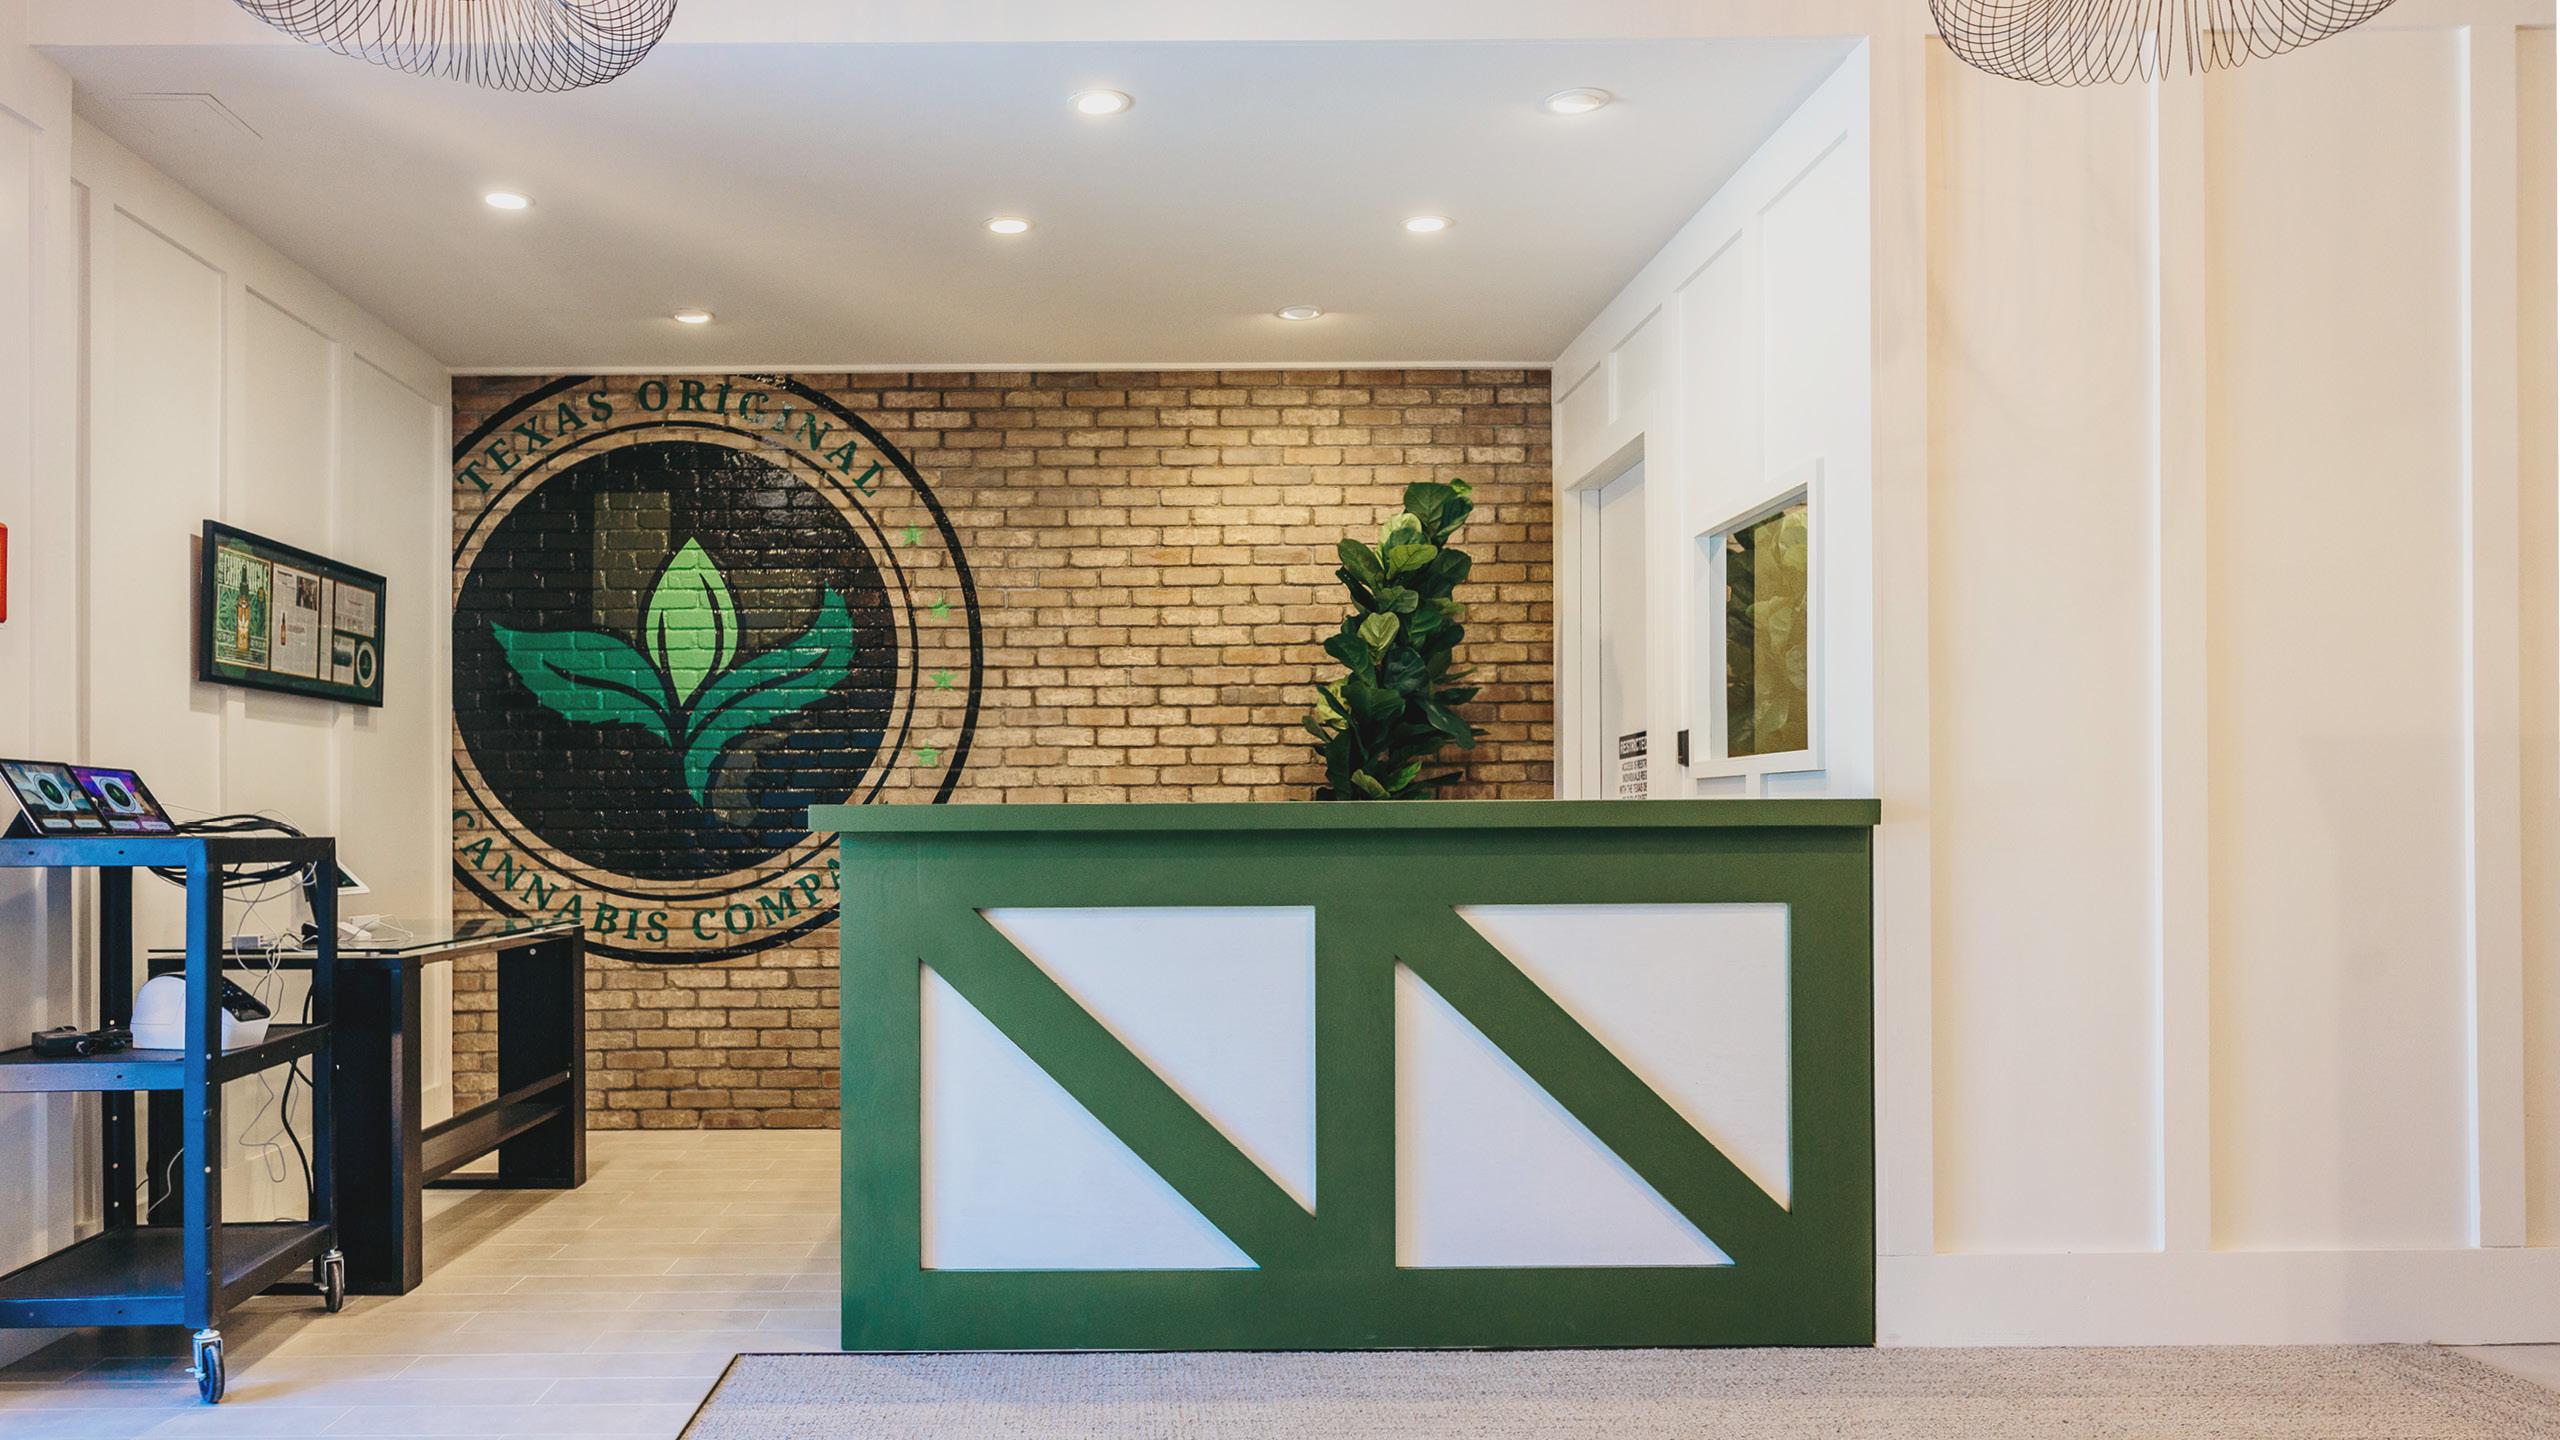 Texas Original Cannabis Company Dispensary Design by High Road Design Studio